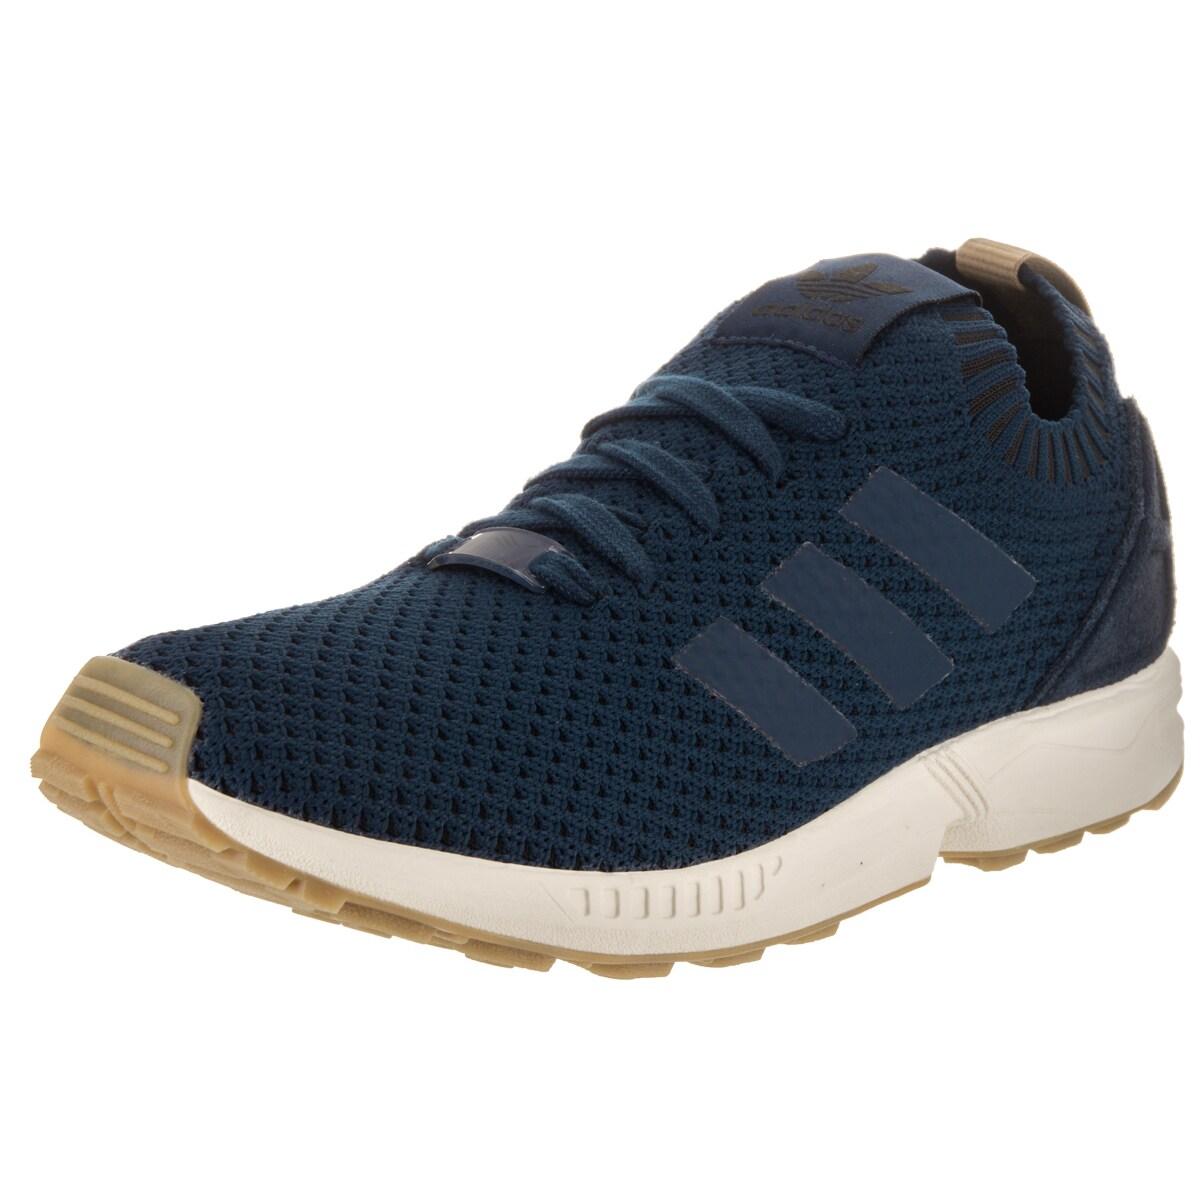 a7b9f59fe9b29 Adidas Men s ZX Flux Pk Originals Blue Textile Casual Shoes